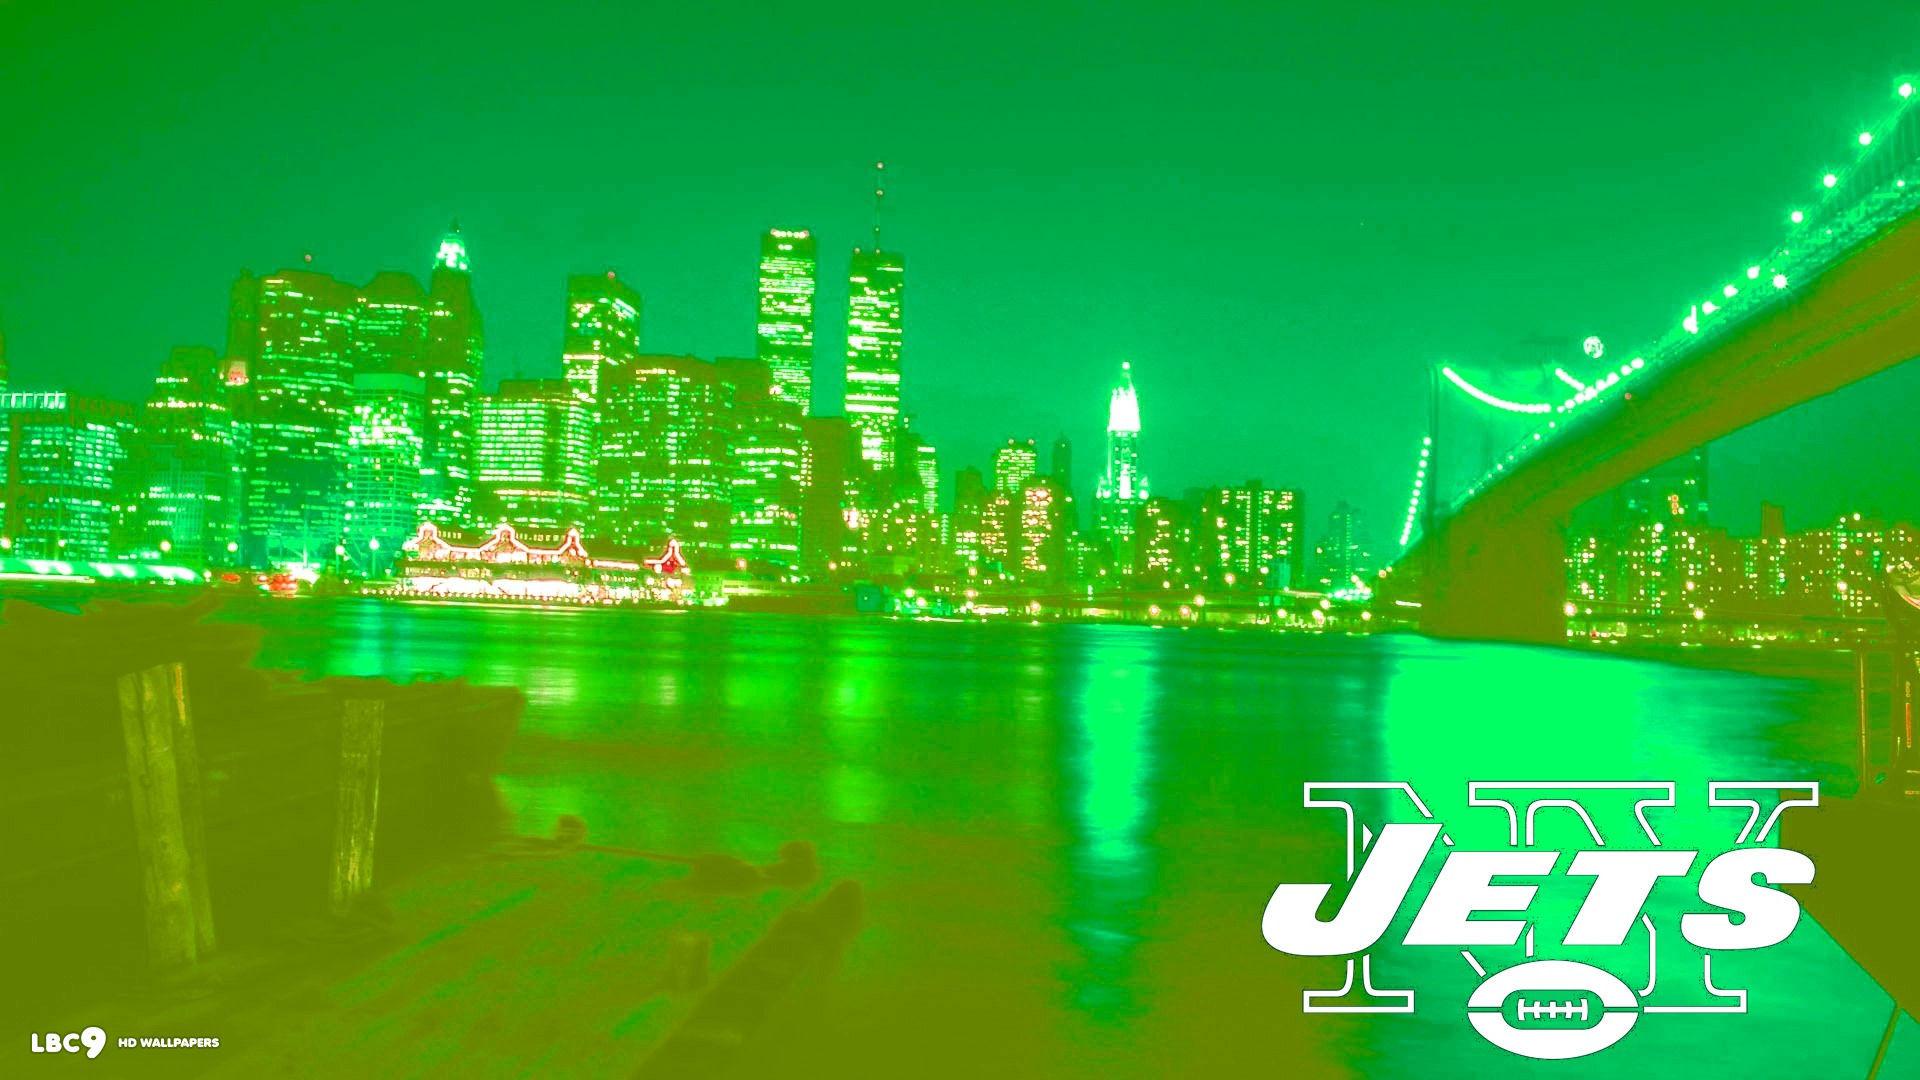 … new york jets desktop wallpaper wallpapersafari …